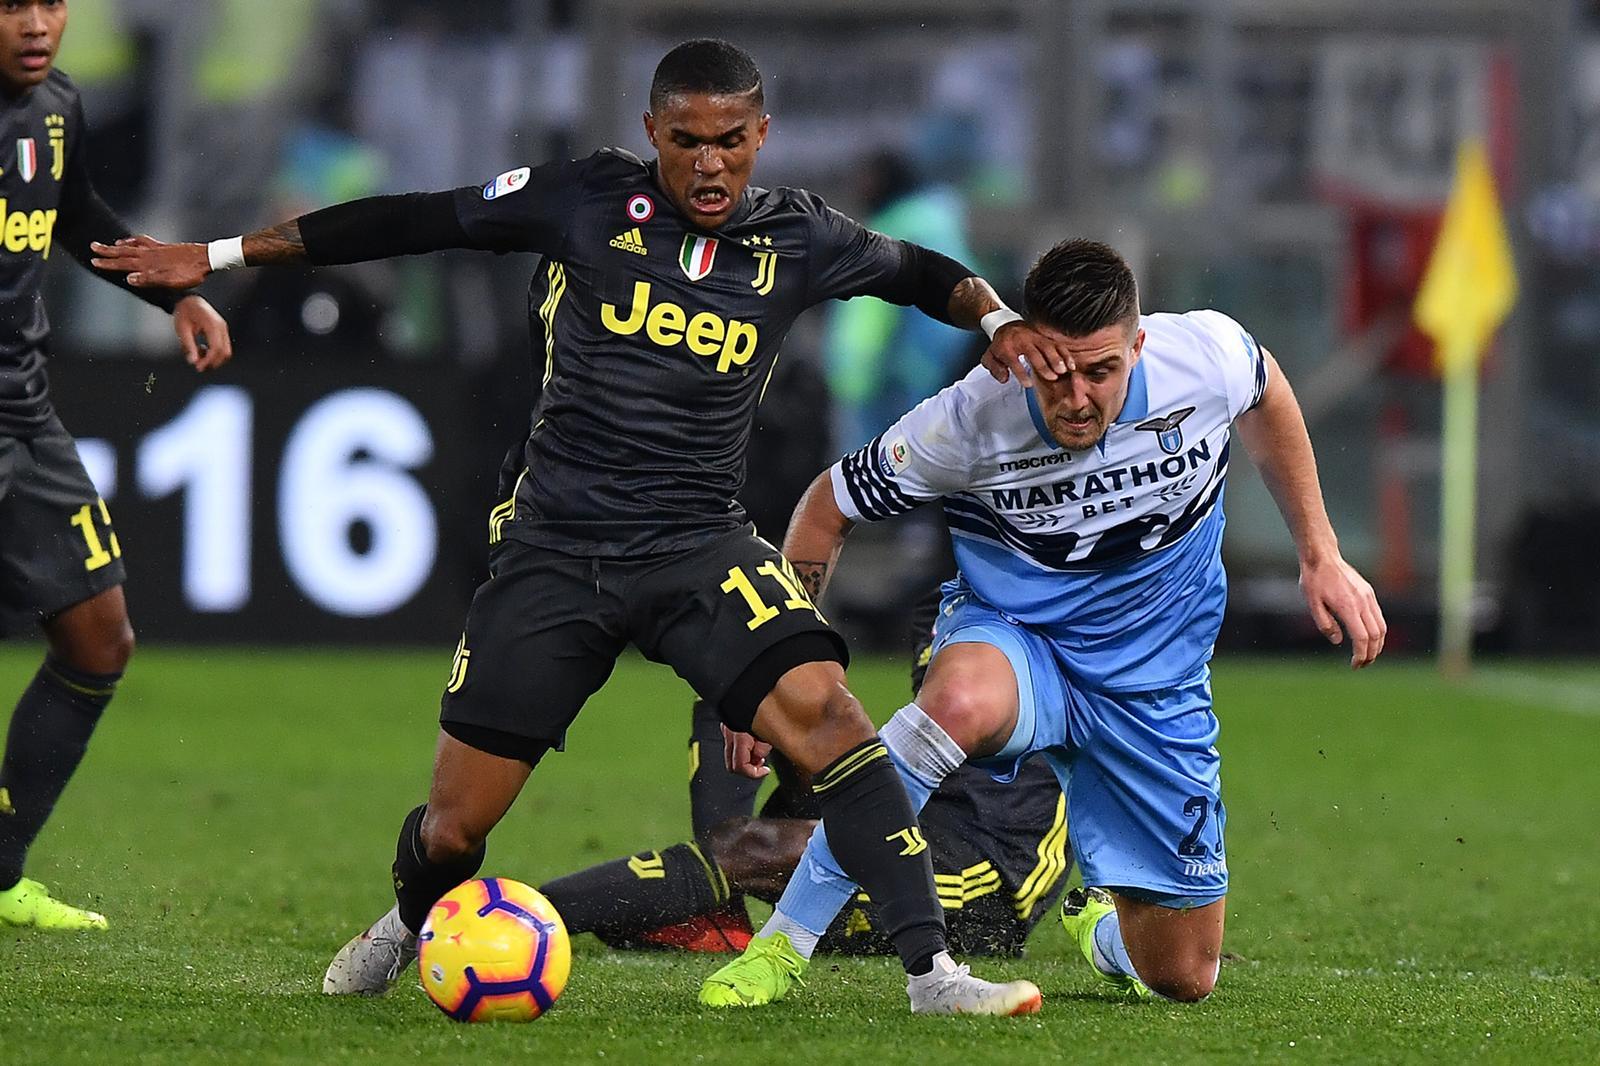 Calciomercato Inter, Douglas Costa obiettivo concreto di Marotta per l'Inter della prossima stagione